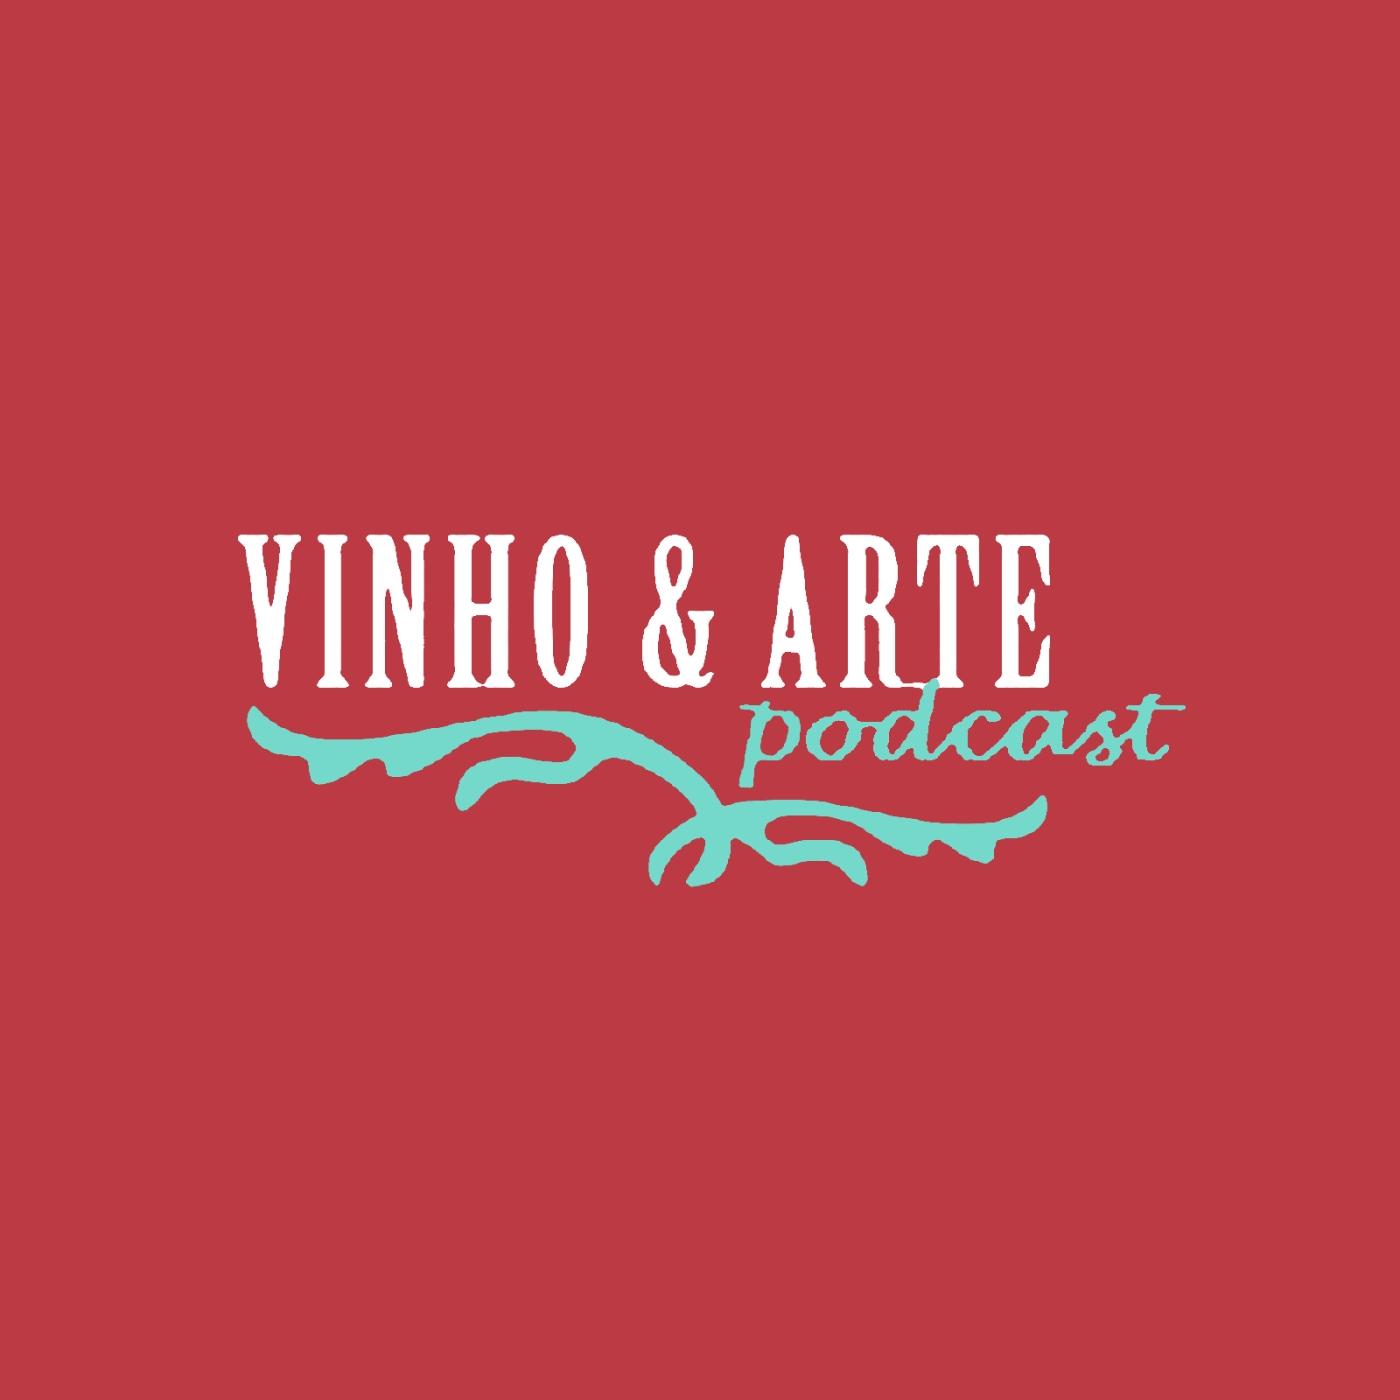 Vinho e Arte Podcast